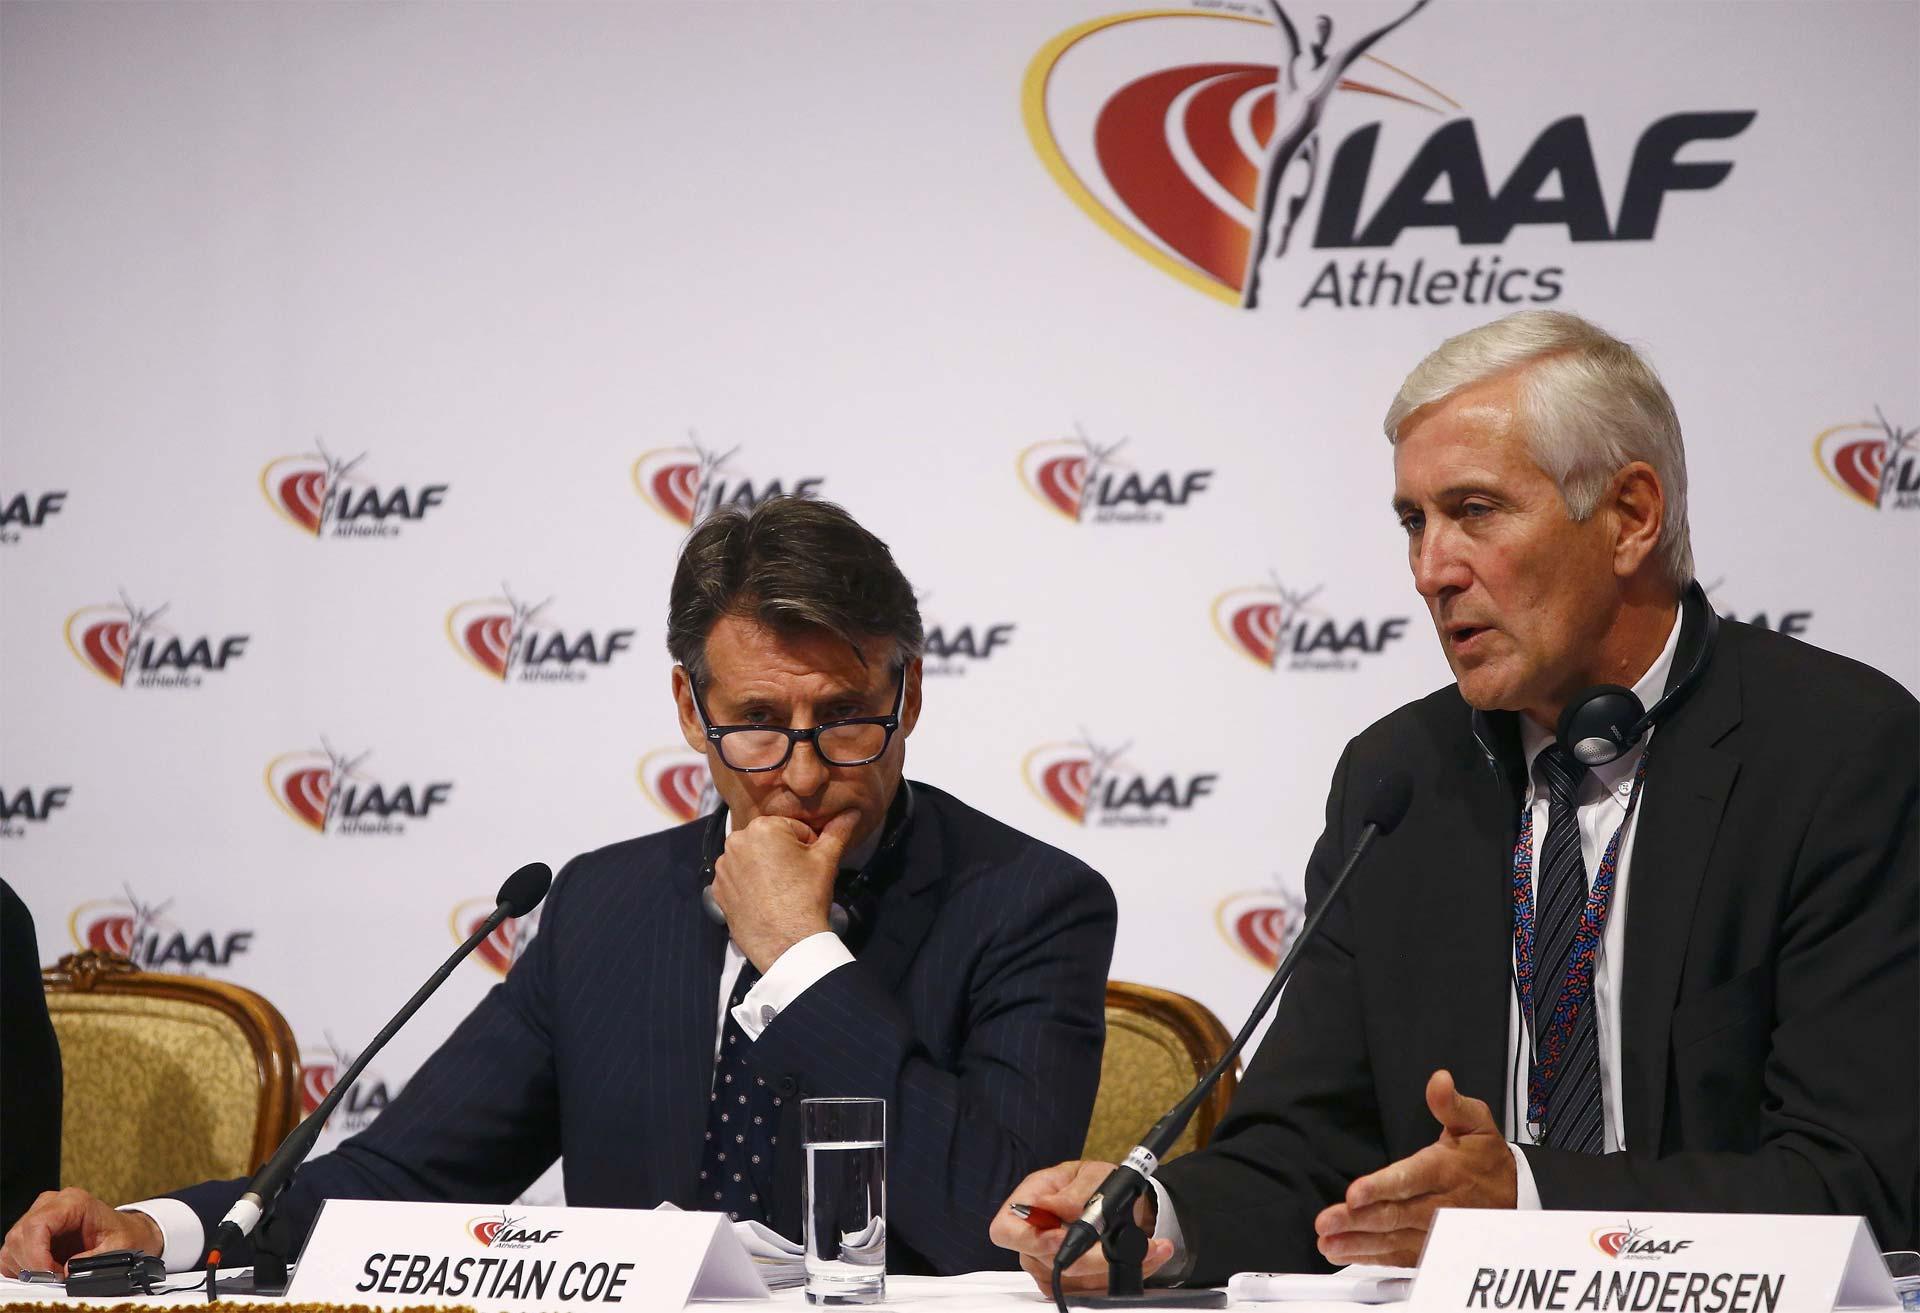 Así lo expresó en un comunicado, luego de que la IAAF ratificará la suspensión de cara a los Juegos Olímpicos de Río